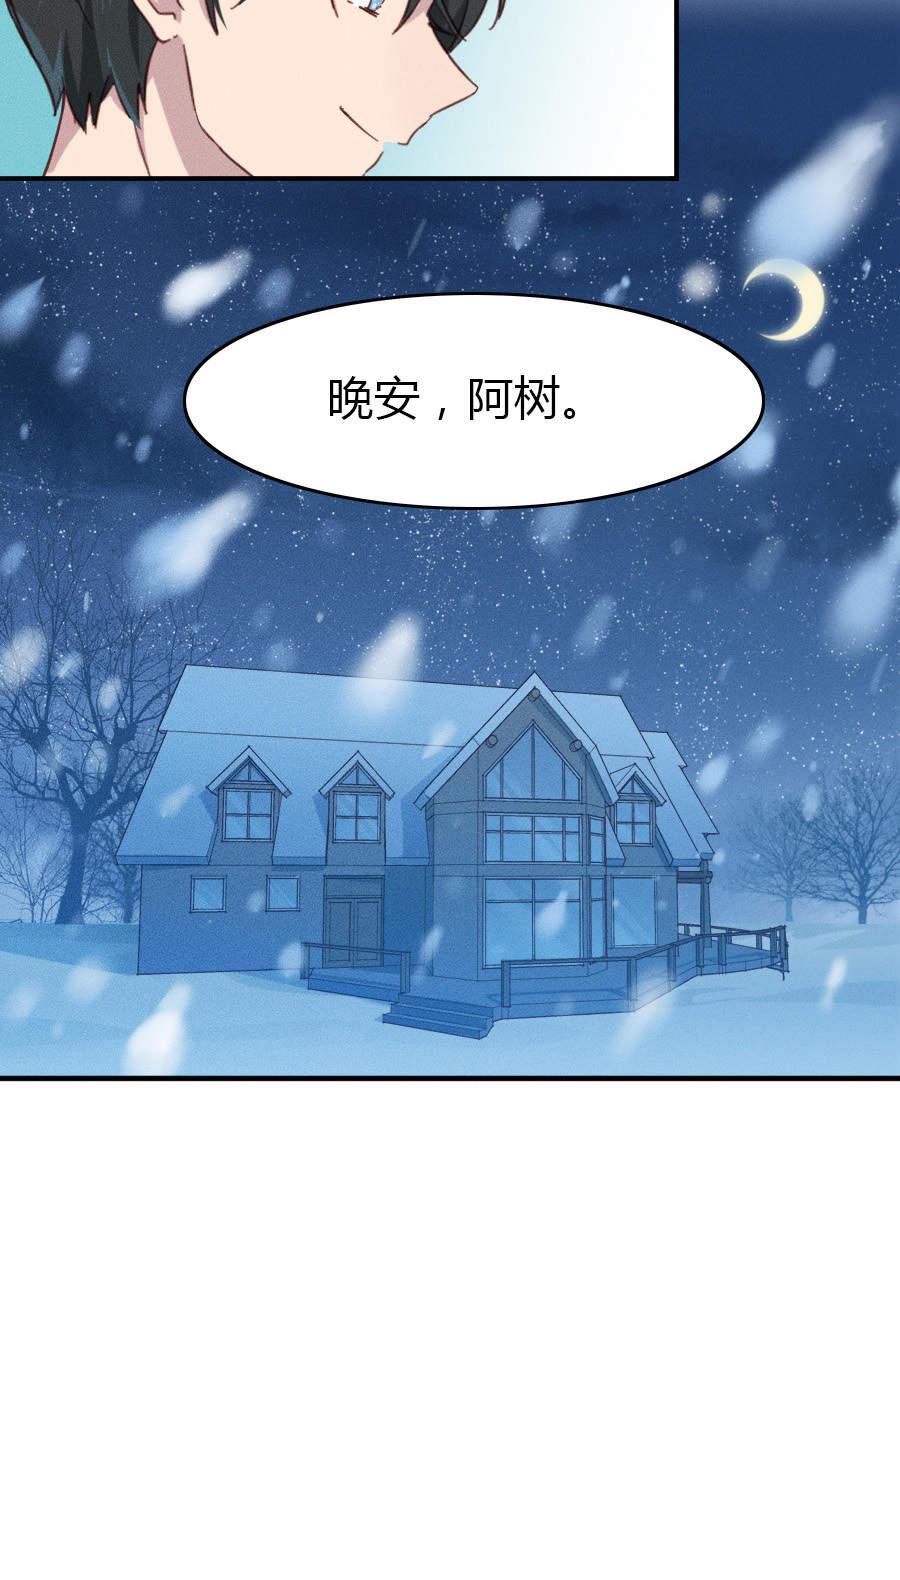 少年游第35话  积雪长桥 晚安,阿树 第 28